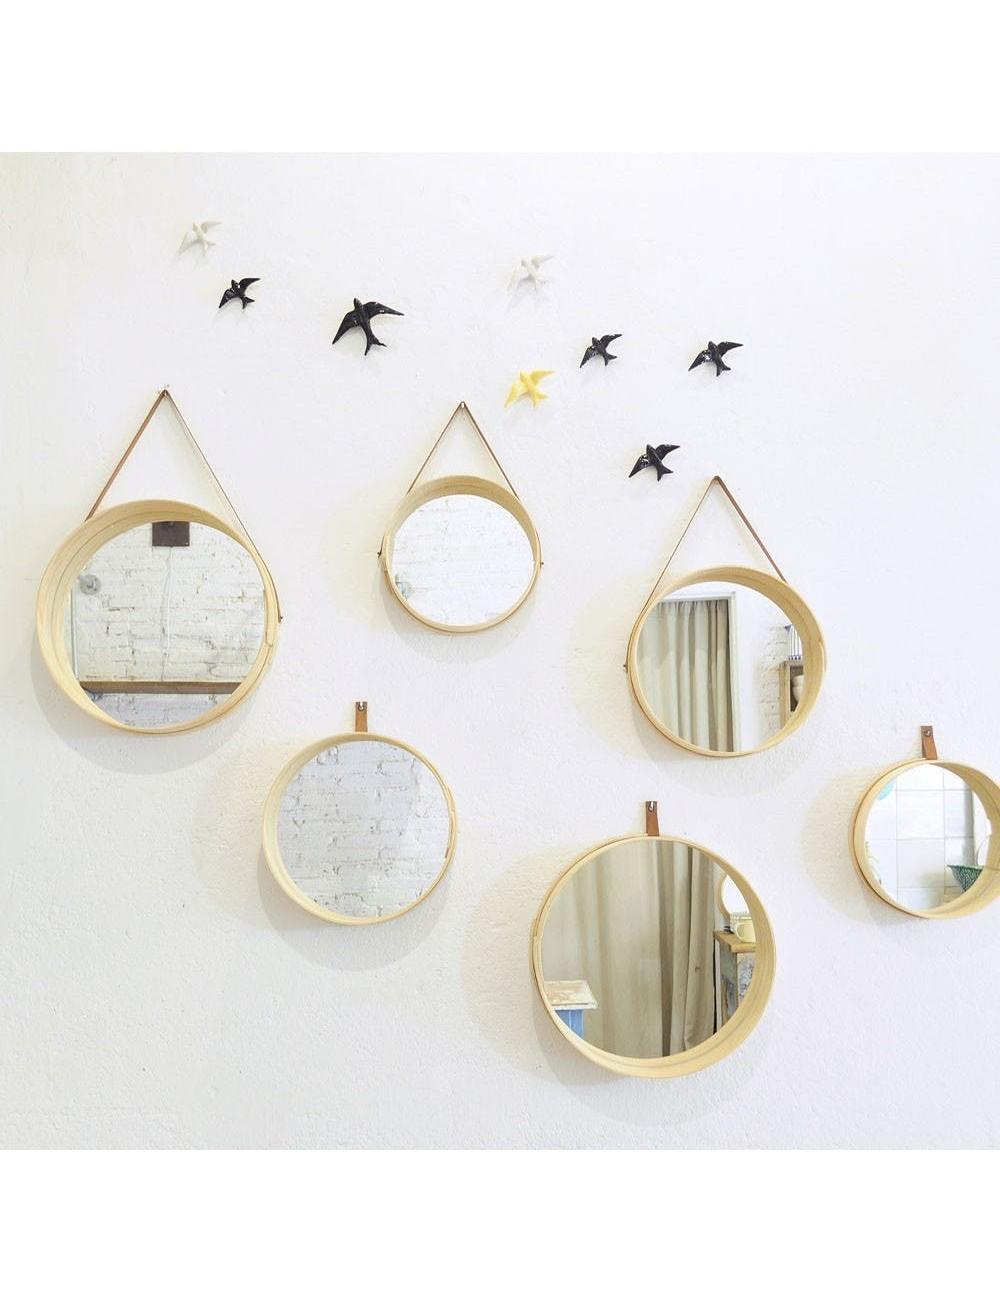 coussin coton ecru ethniques 60x60 cm par madam stoltz howne. Black Bedroom Furniture Sets. Home Design Ideas